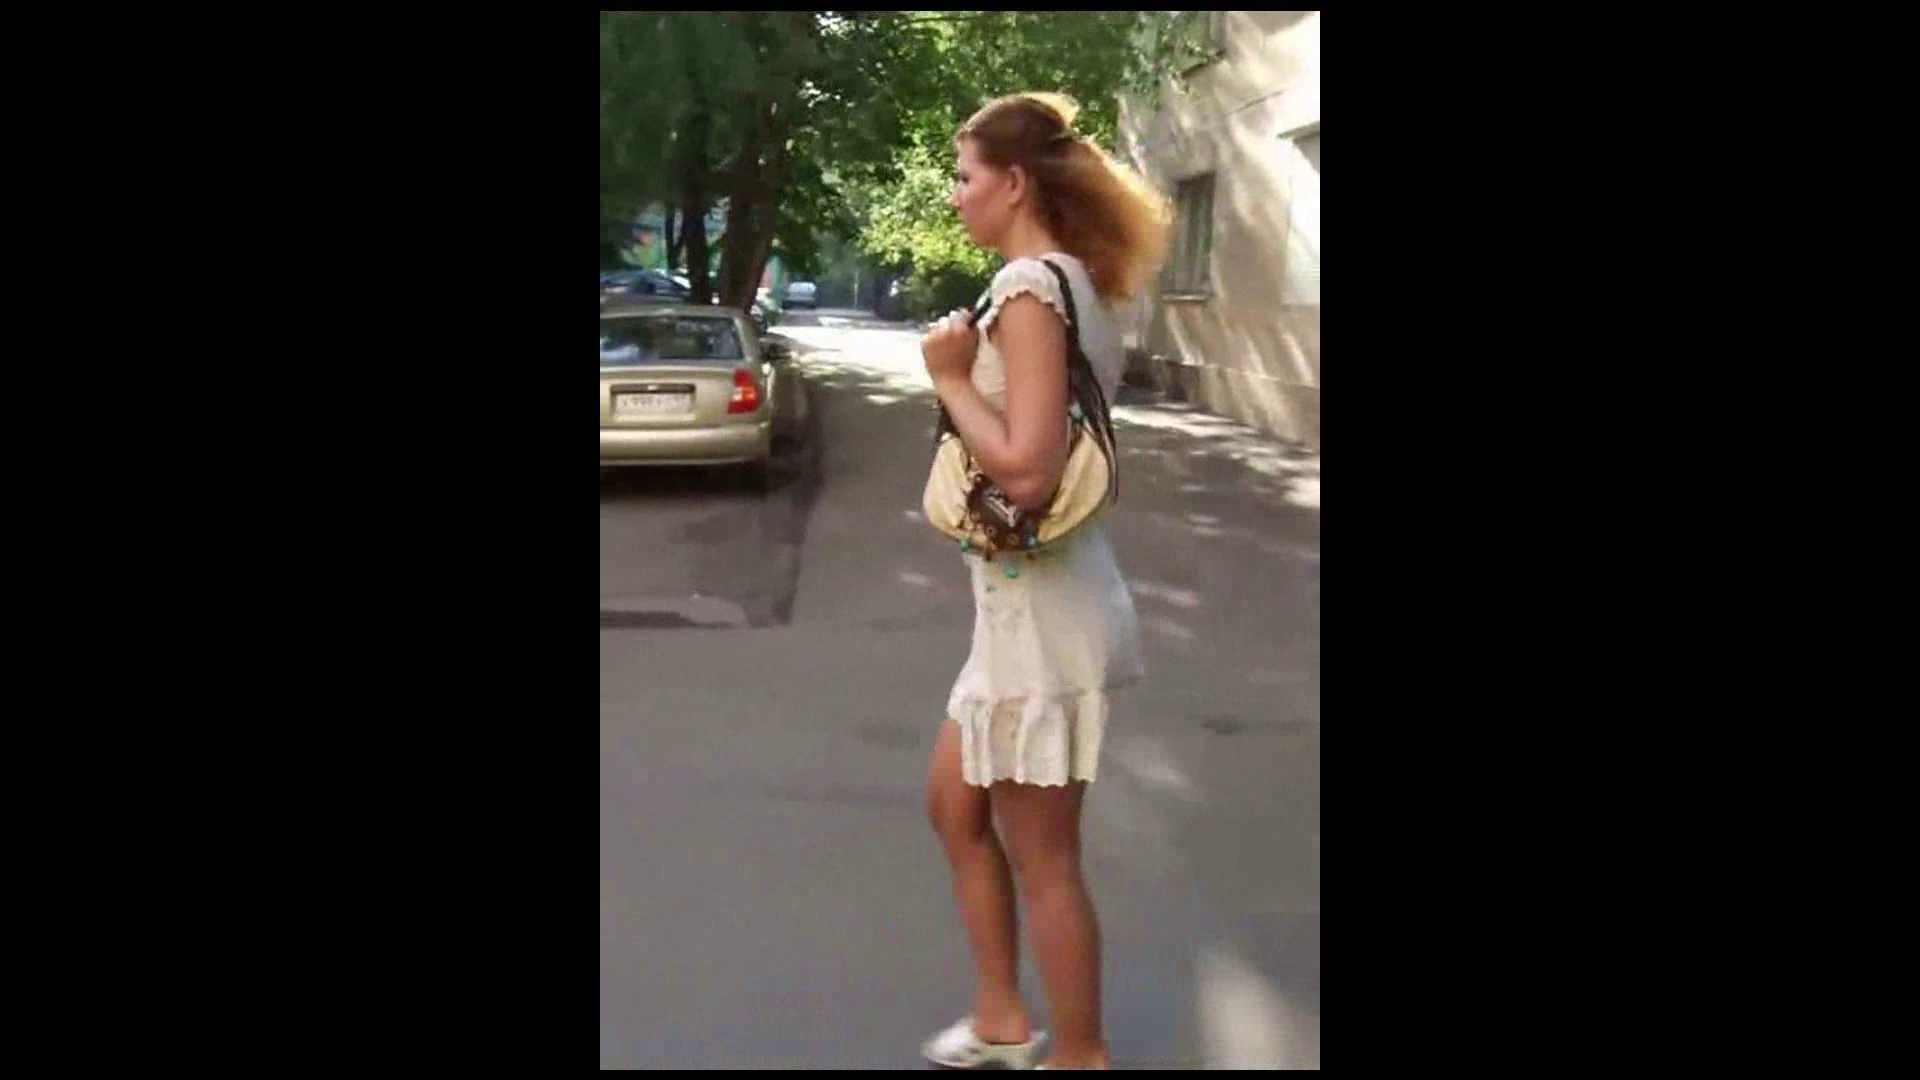 綺麗なモデルさんのスカート捲っちゃおう‼vol03 OLエロ画像 | お姉さん  30PICs 21